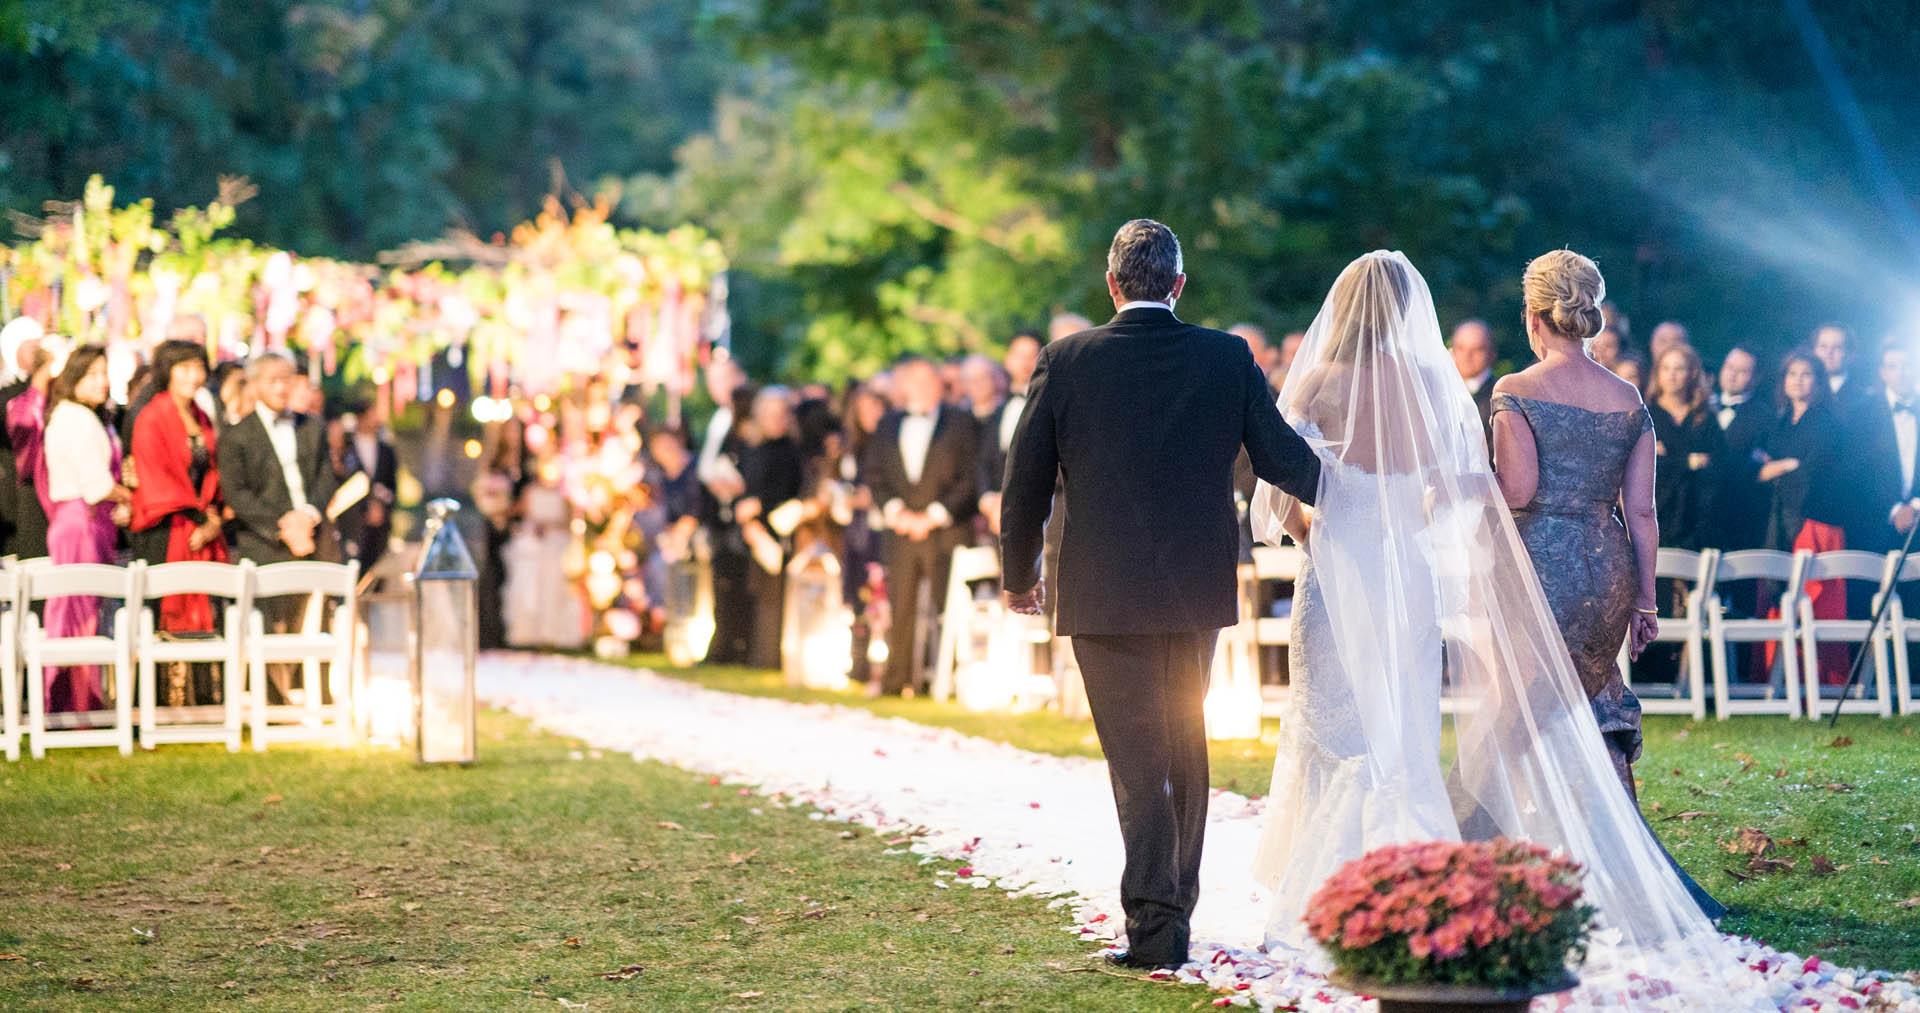 Ceremonies & Amp Special Events Venue Nj Pleasantdale Chateau